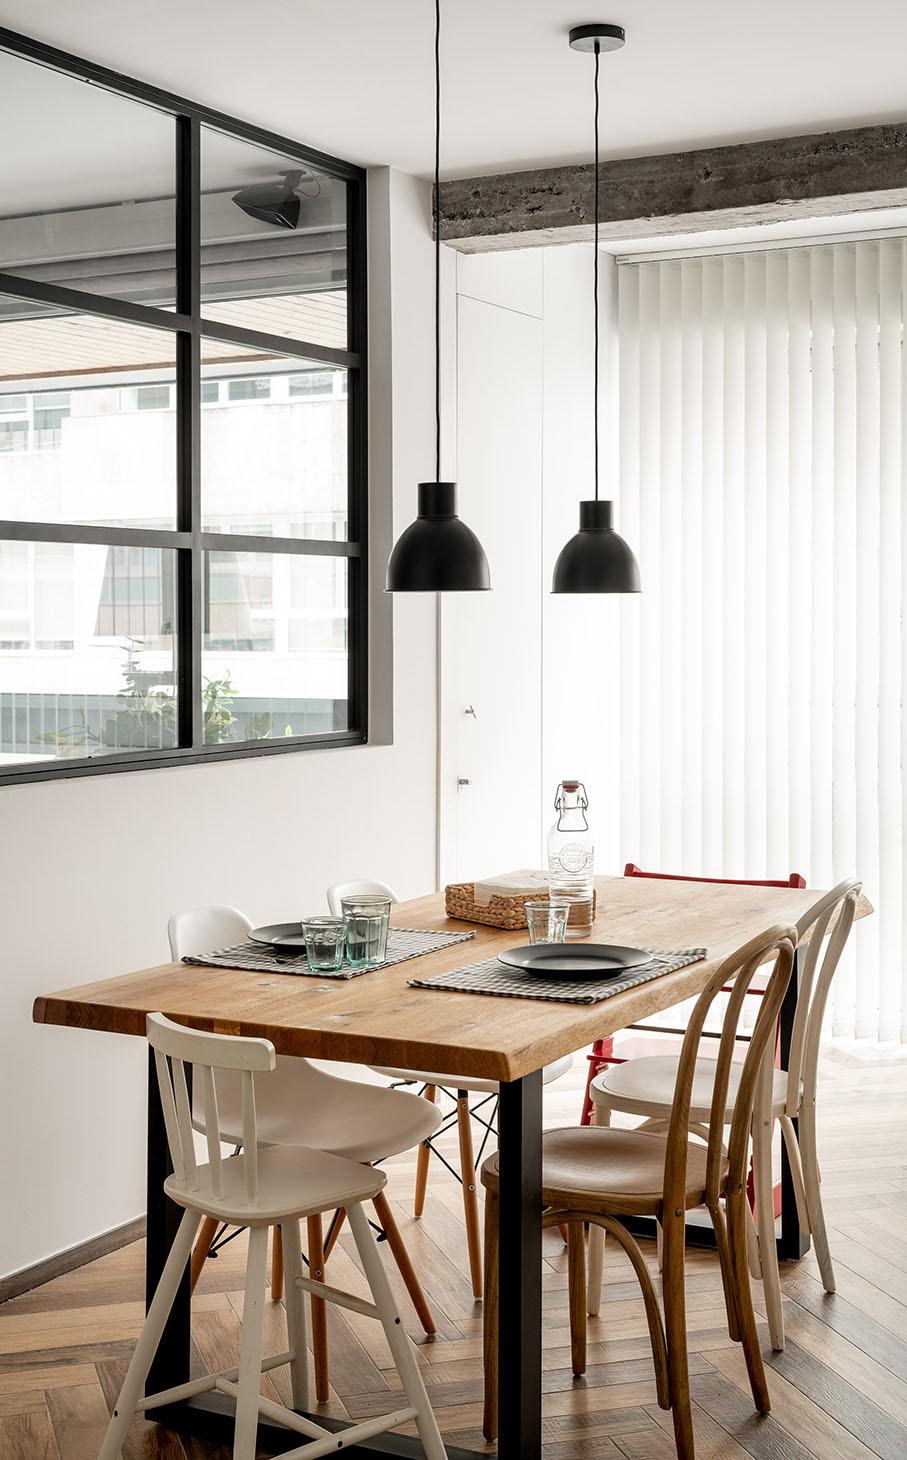 Reportaje fotográfico de arquitectura - Imagen del interior de la vivienda